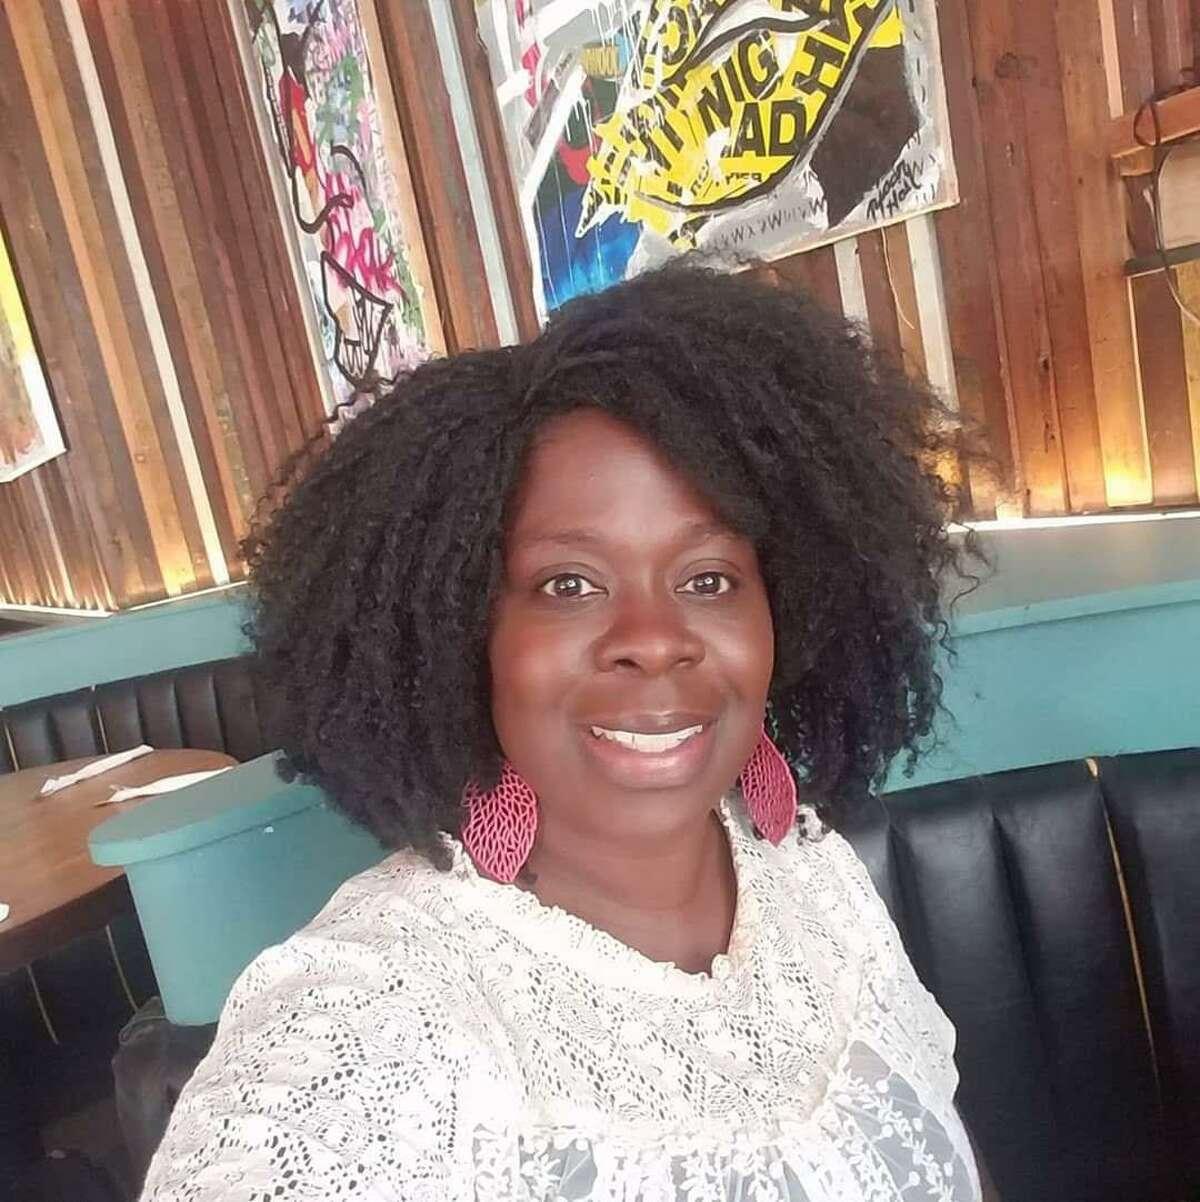 Keisha Cleveland Baptiste